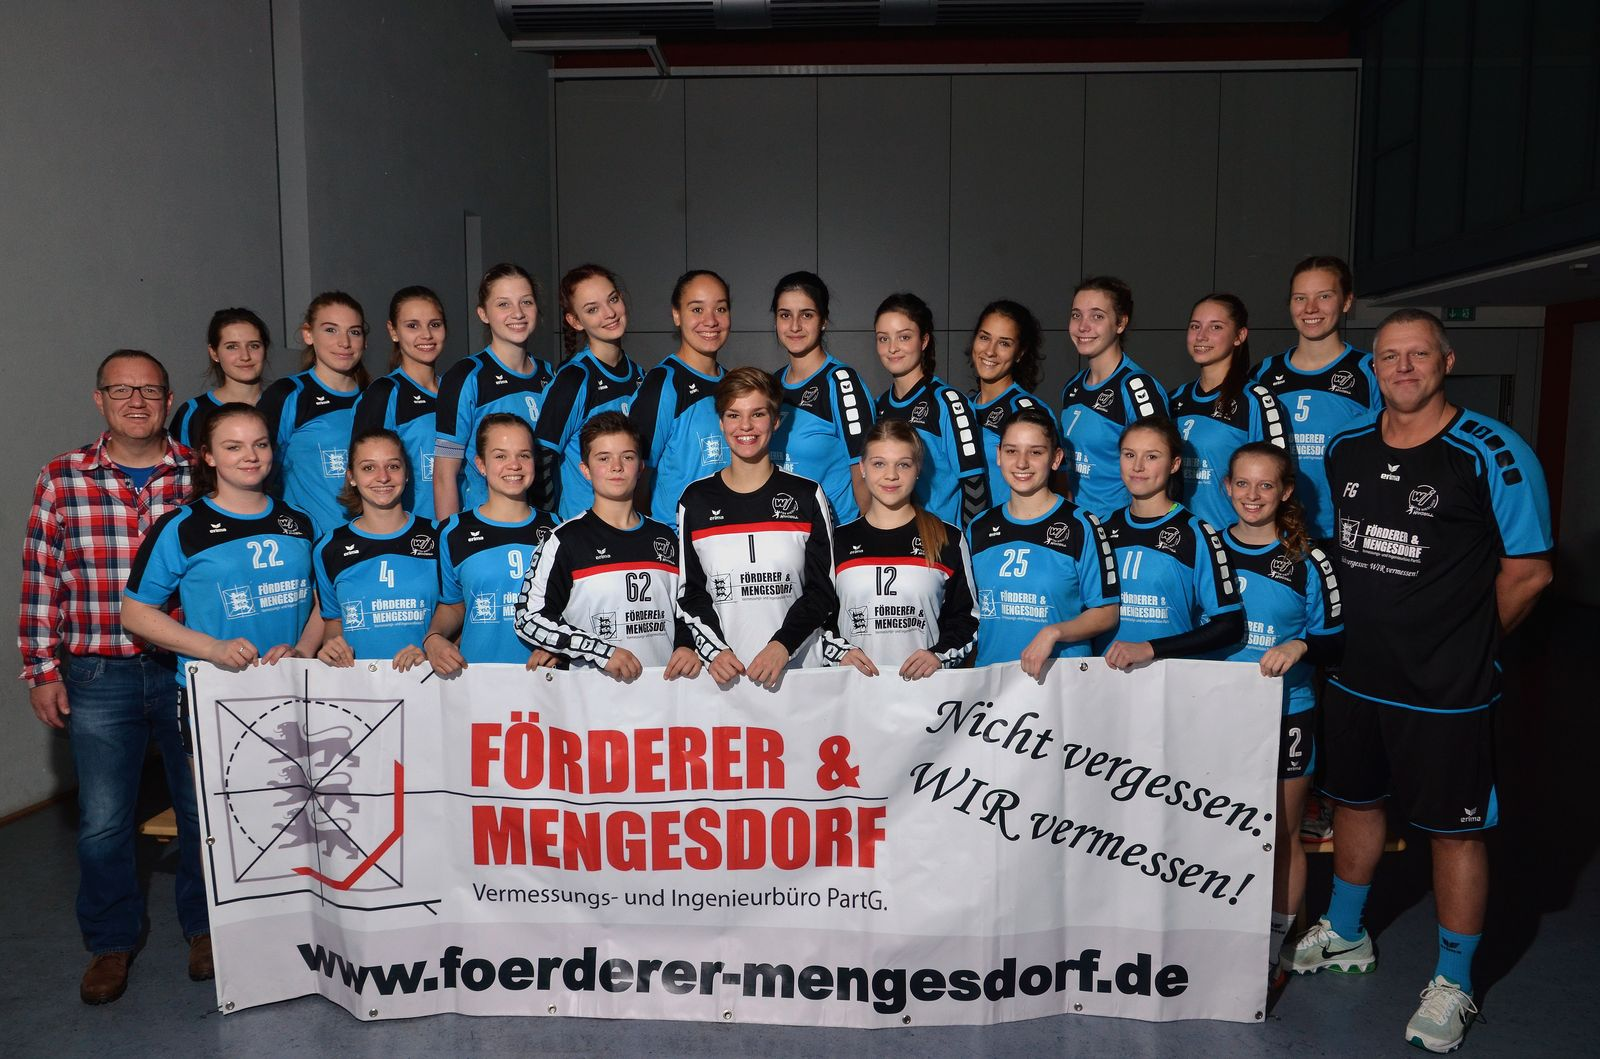 sponsorenfoto-foerderer-mengesdorf_dsc_5650